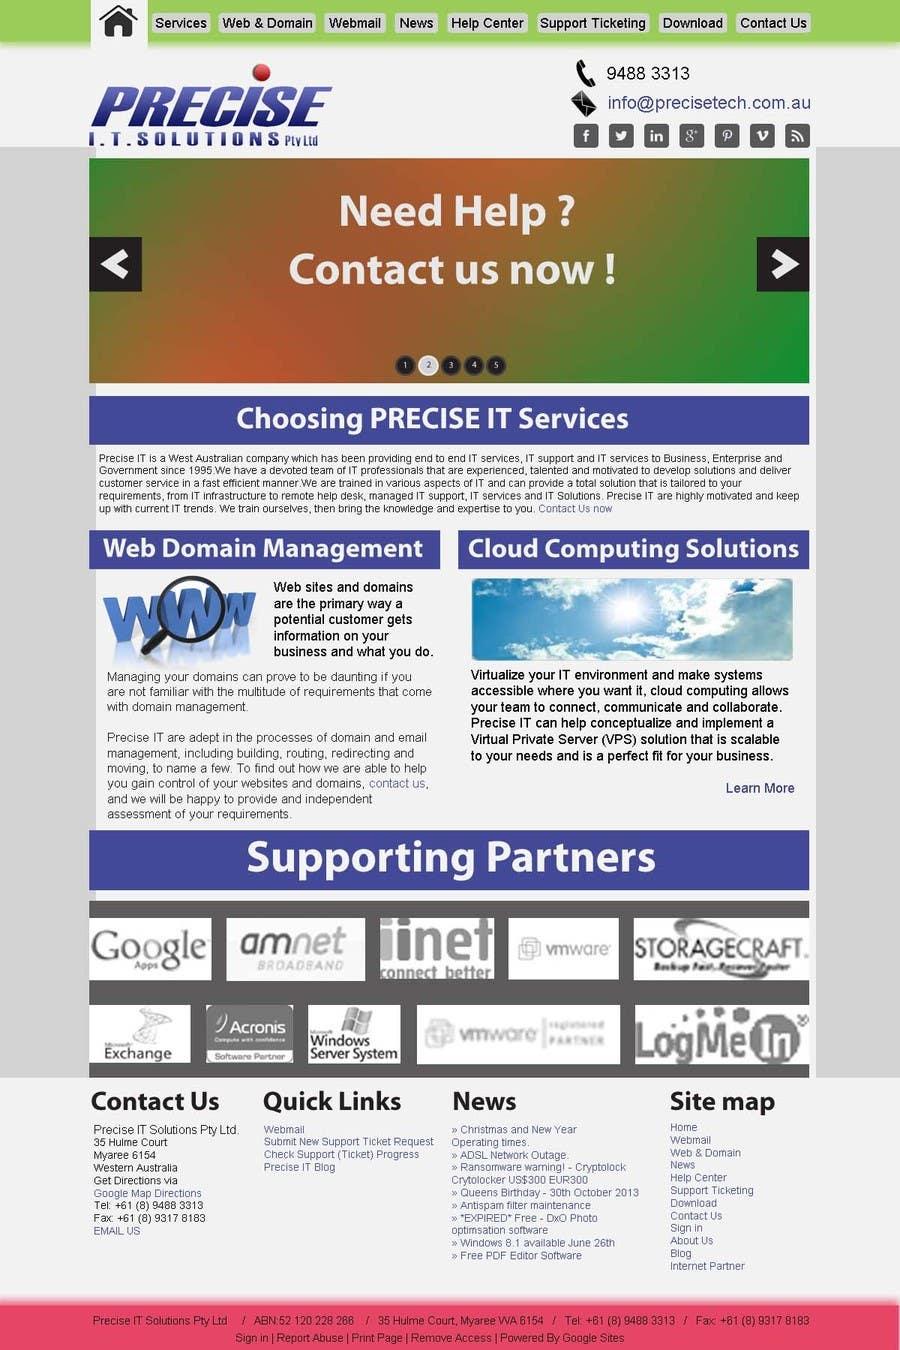 Contest Entry #9 for Design a Website Mockup for Precisetech.com.au